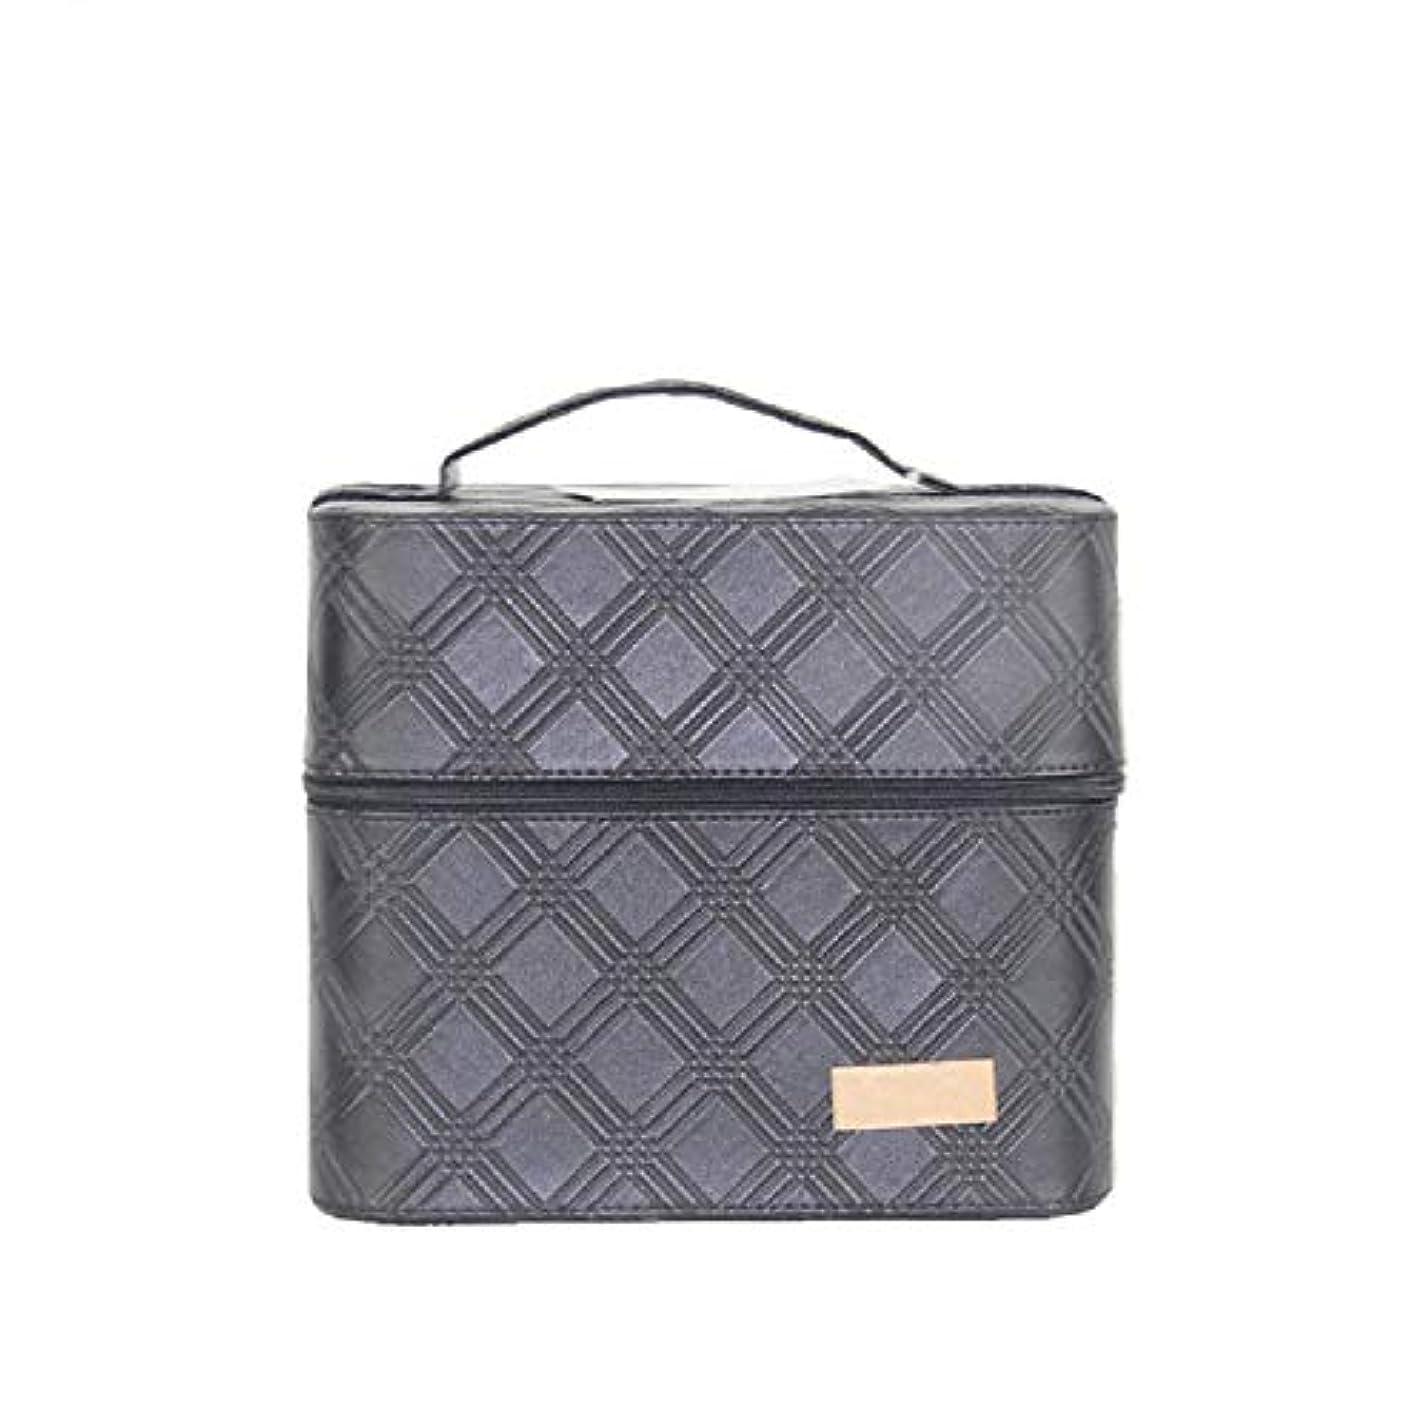 正しく崇拝するビクター化粧オーガナイザーバッグ ジッパーと2つのトレイで小さなものの種類の旅行のための美容メイクアップのための黒のポータブル化粧品バッグ 化粧品ケース